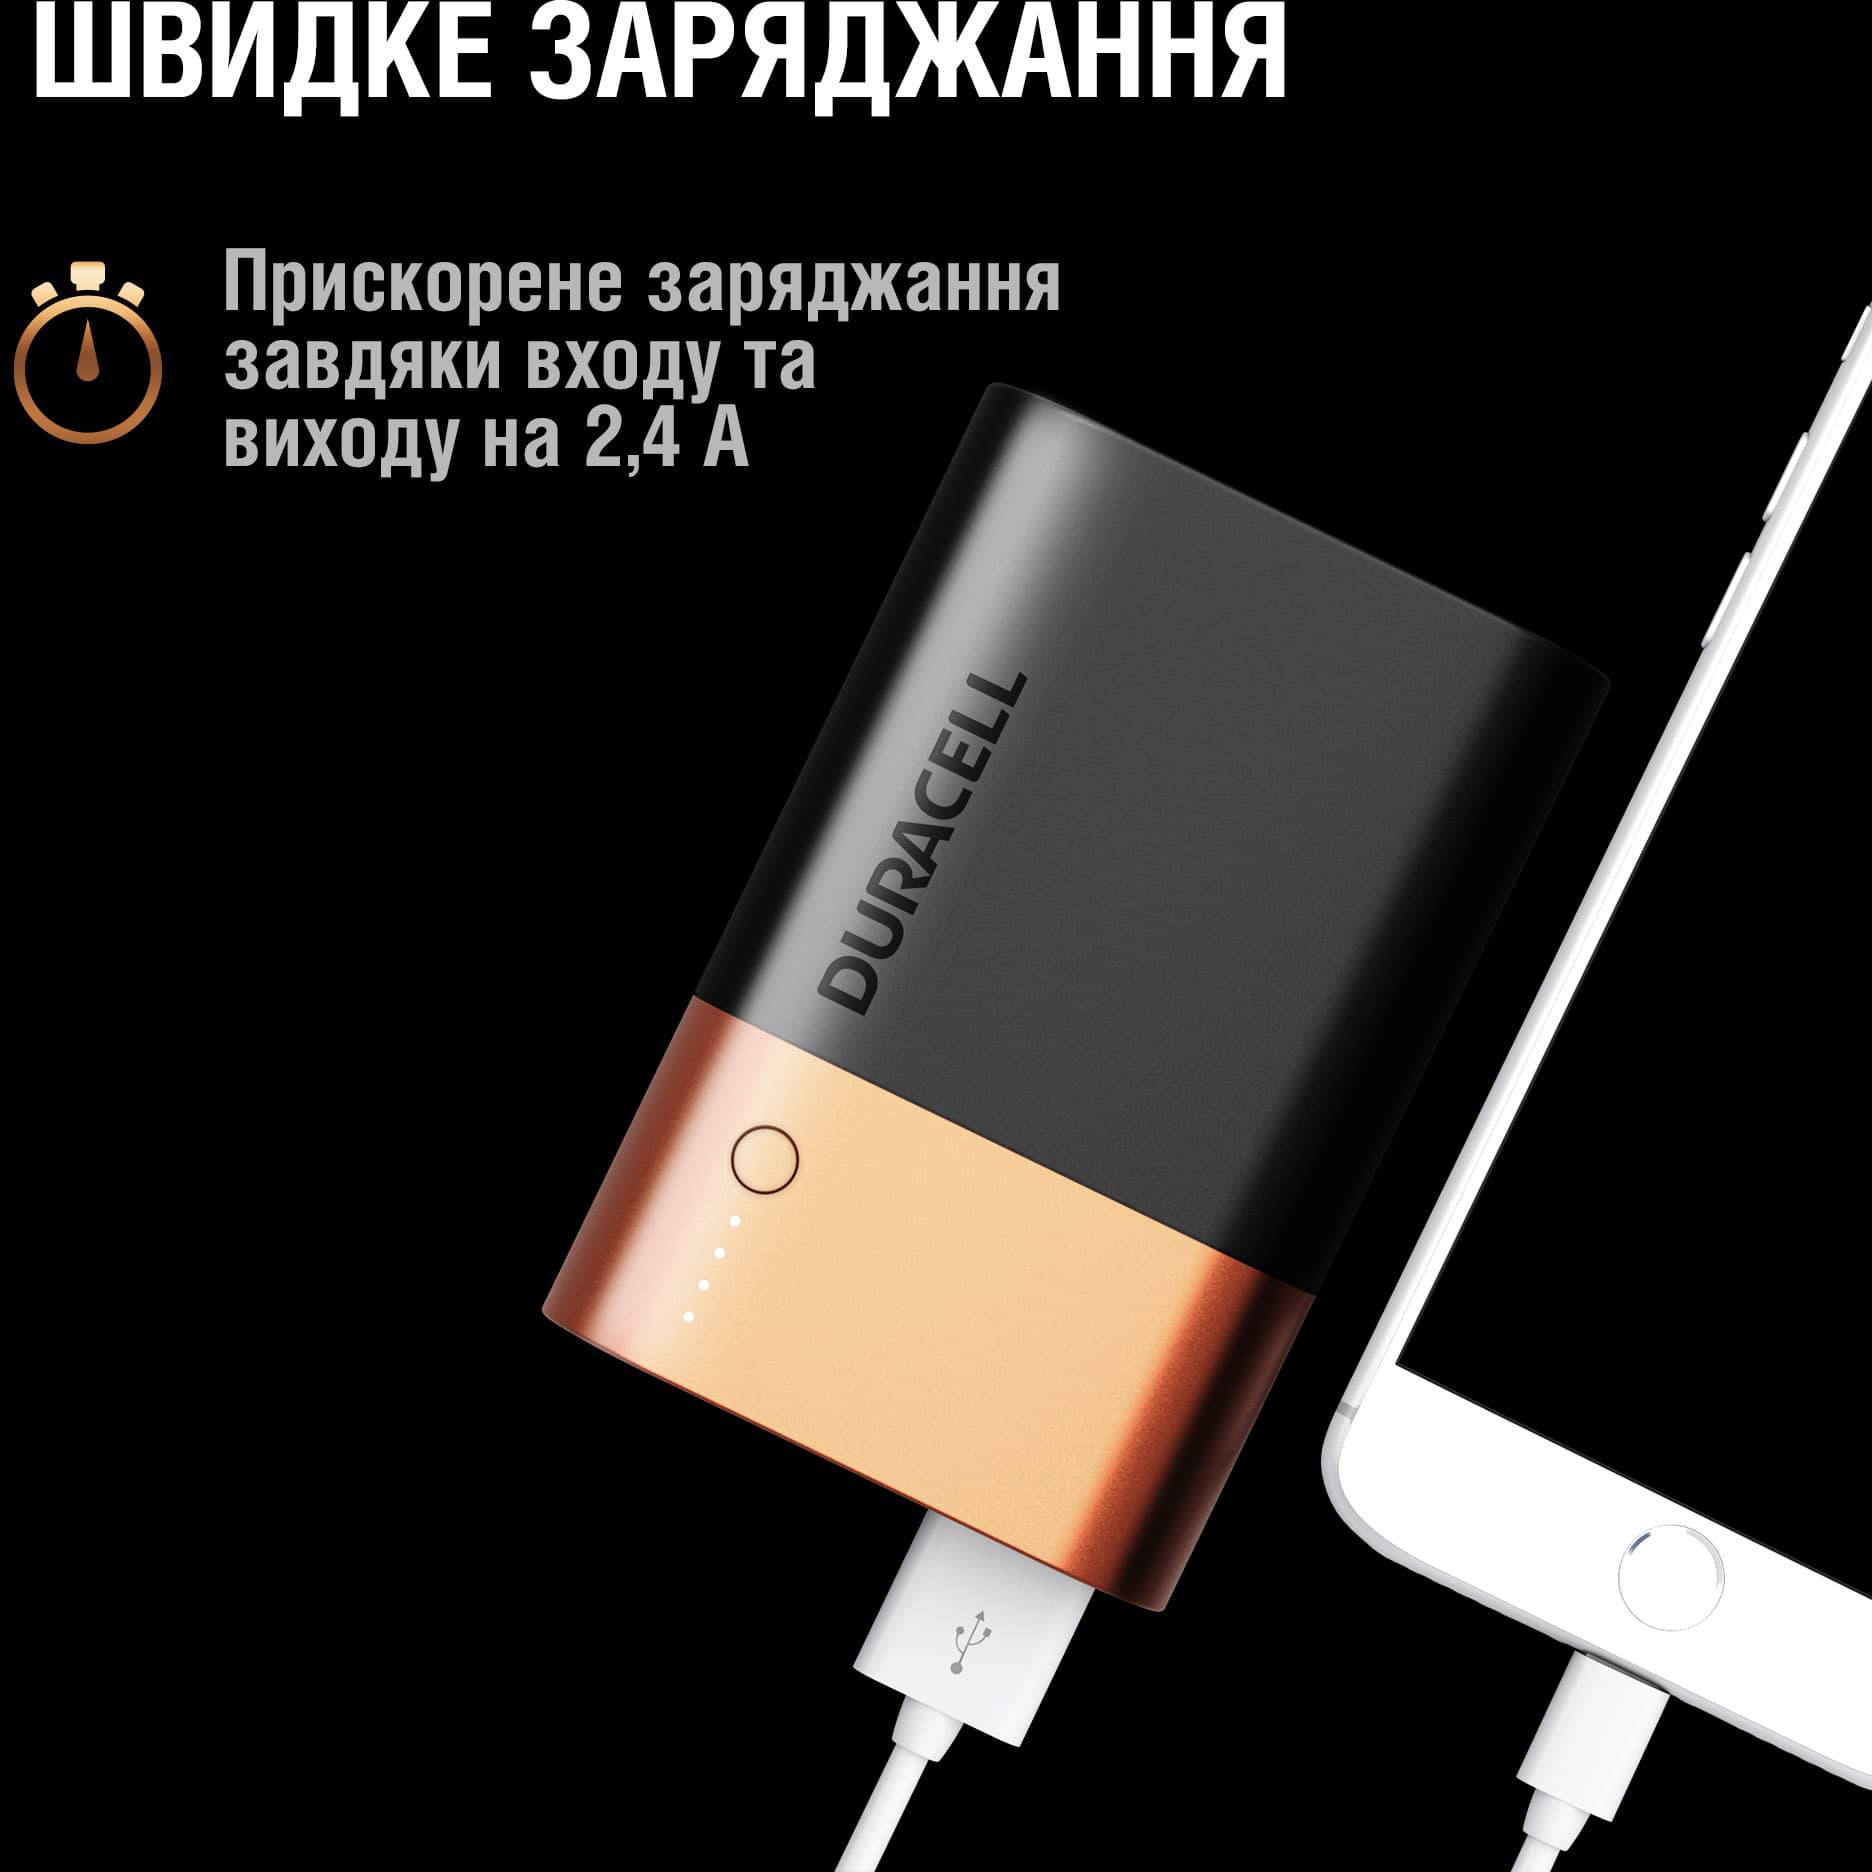 Аккумулятор-зарядка Power bank, емкость 10050мАч, выход 2,4А - 2 USB, вход - microUSB Duracell - фото 5